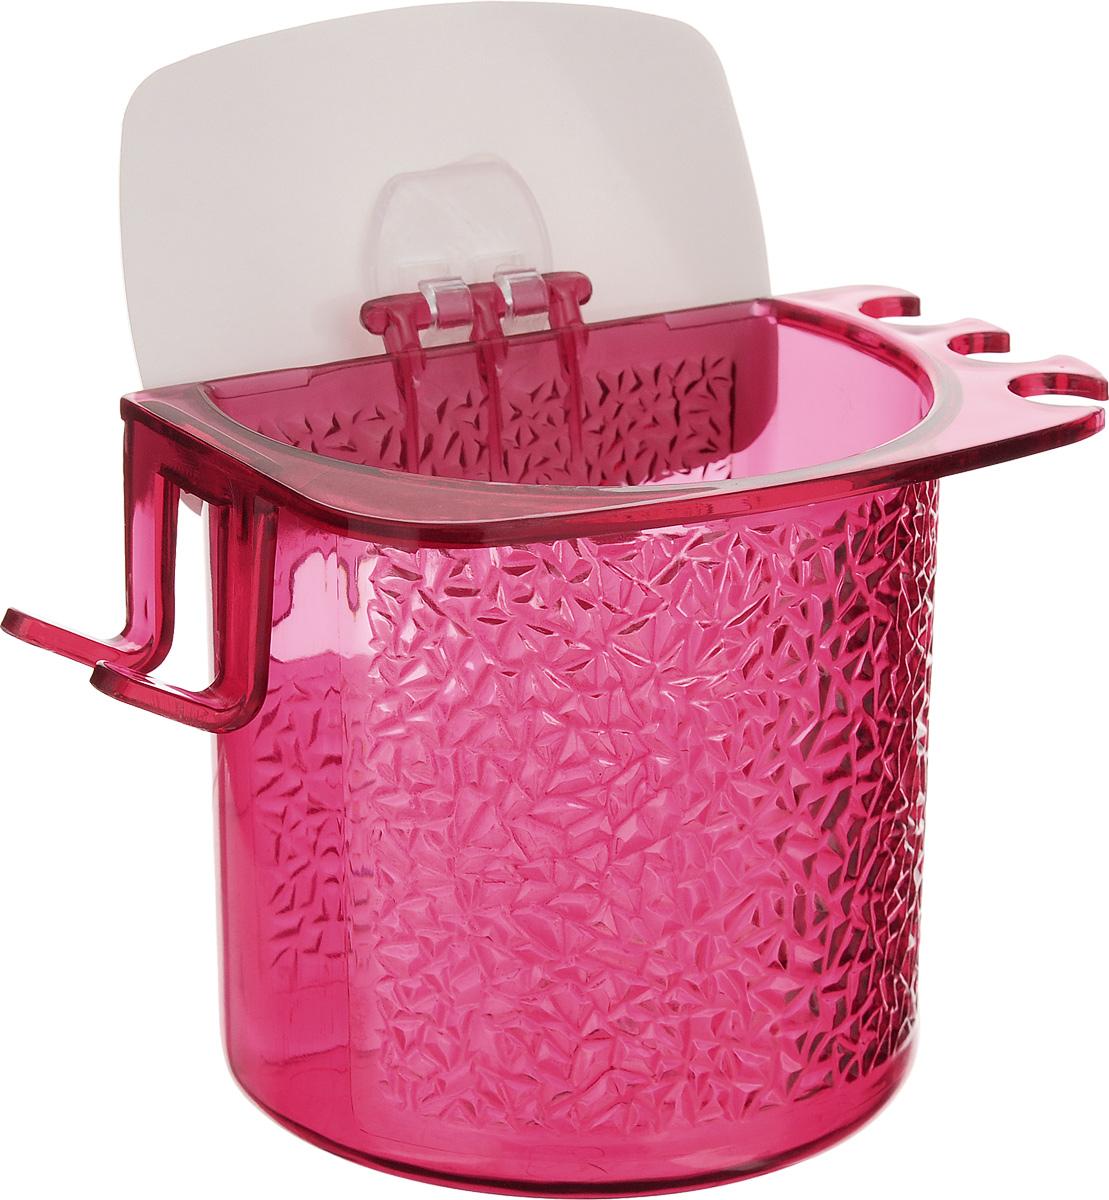 Стакан для ванной Fresh Code, на липкой основе, цвет: малиновыйNLED-426-3W-WСтакан для ванной комнаты Fresh Code выполнен из ABS пластика. Крепление на липкой основе многократного использования идеально подходит для гладкой поверхности. С оборотной стороны изделие оснащено двумя отверстиями для удобного размещения на стене.В стакане удобно хранить зубные щетки, пасту и другие принадлежности. Аксессуары для ванной комнаты Fresh Code стильно украсят интерьер и добавят в обычную обстановку яркие и модные акценты. Стакан идеально подойдет к любому стилю ванной комнаты.